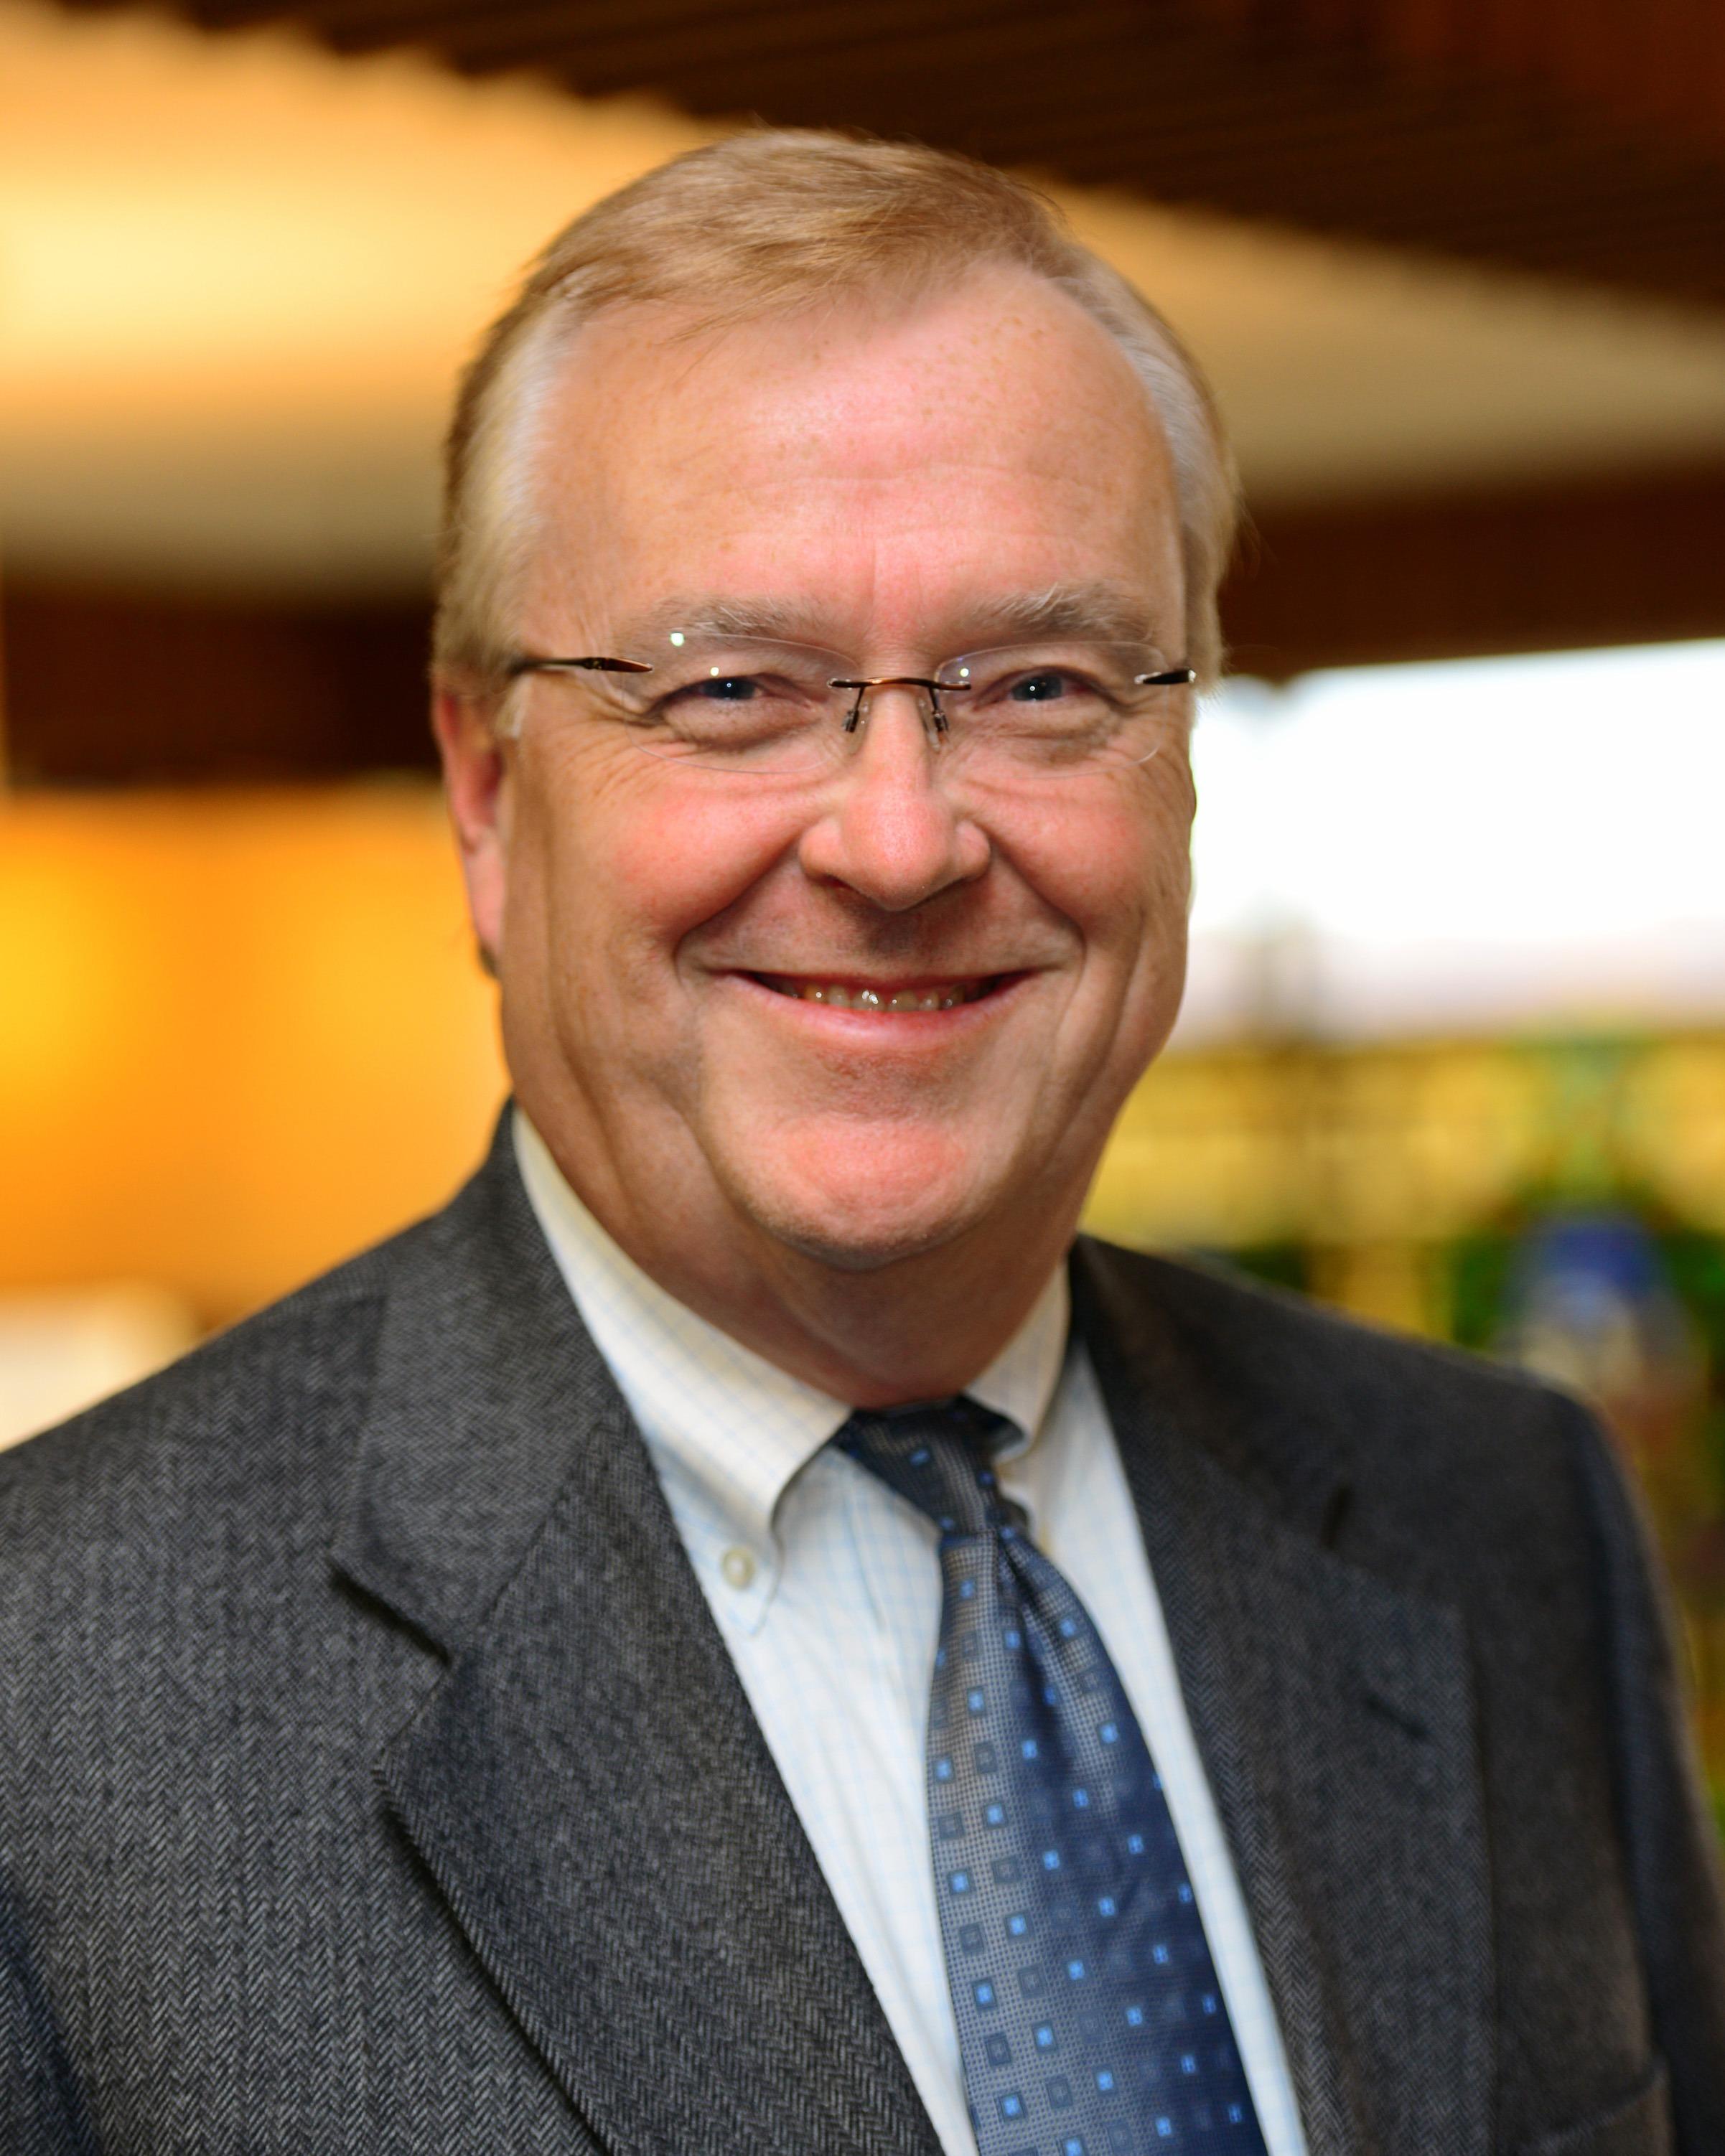 Jay E. Nussel